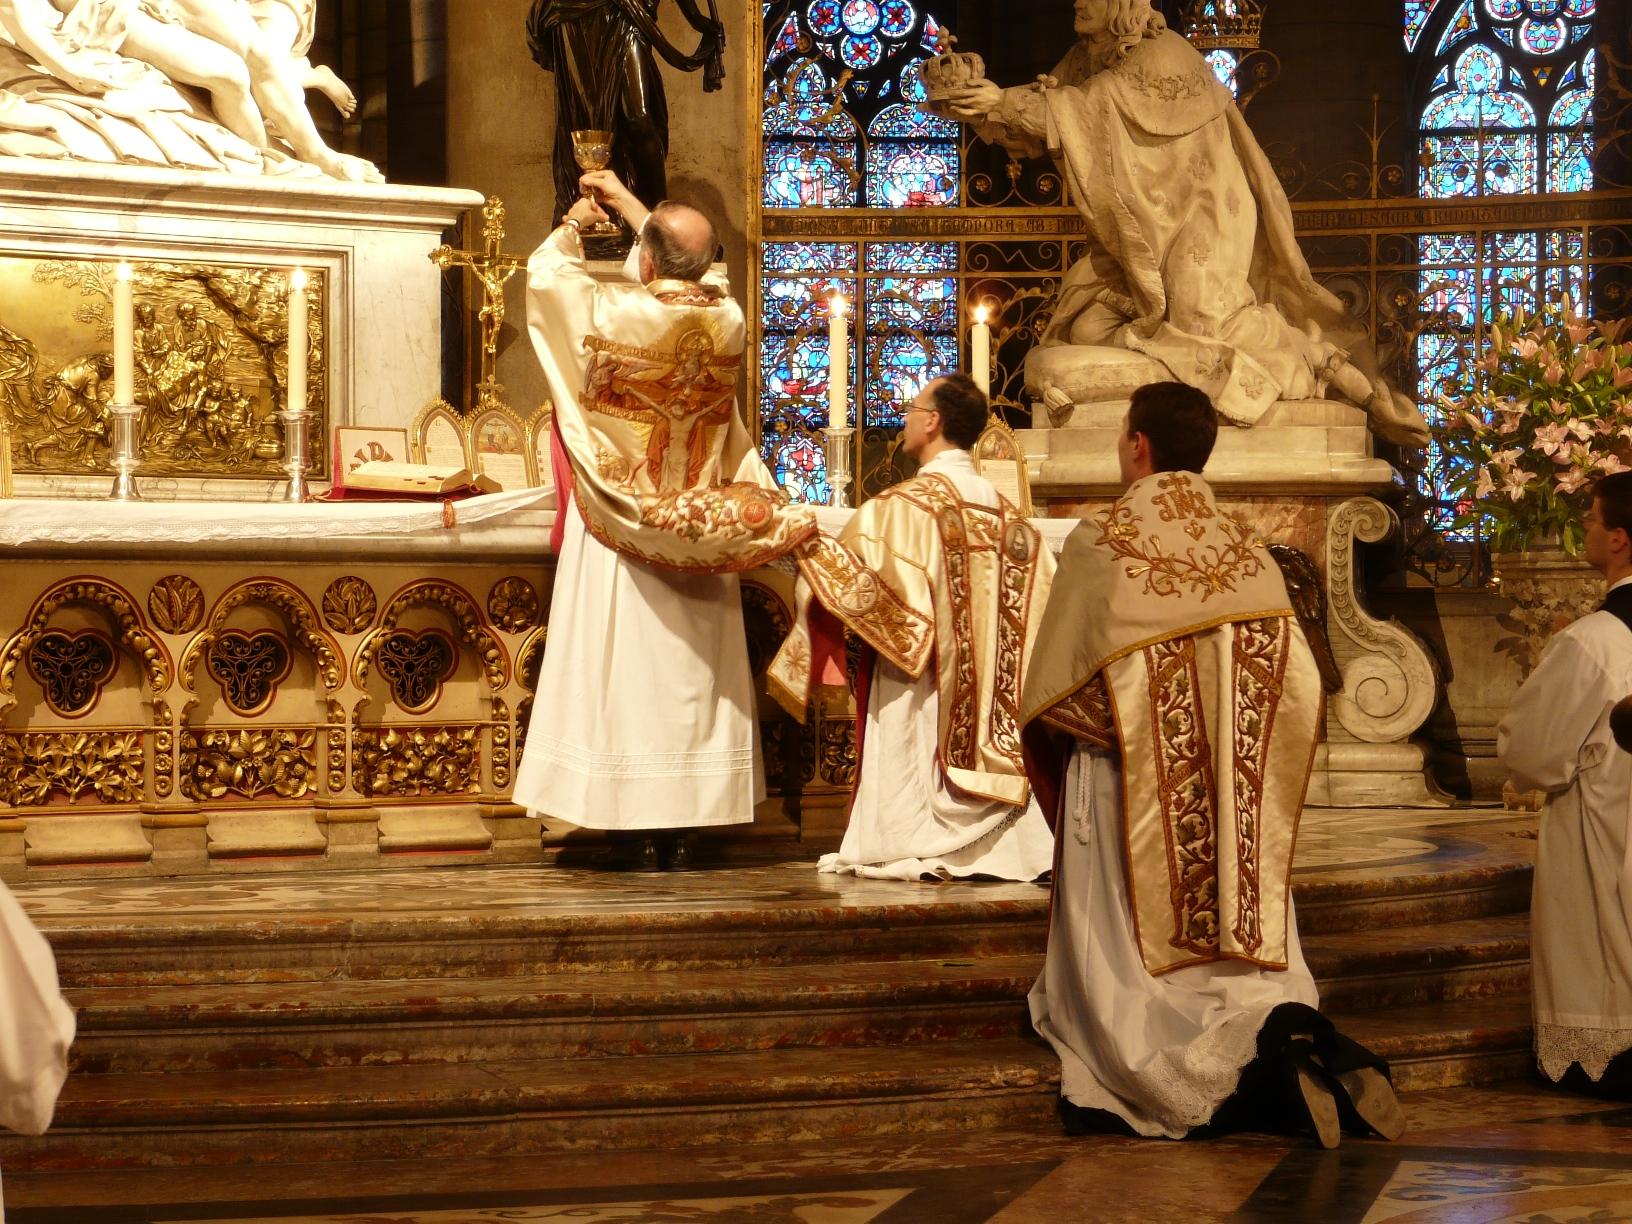 http://www.schola-sainte-cecile.com/wp-content/2008/06/ndparis17juin08.jpg